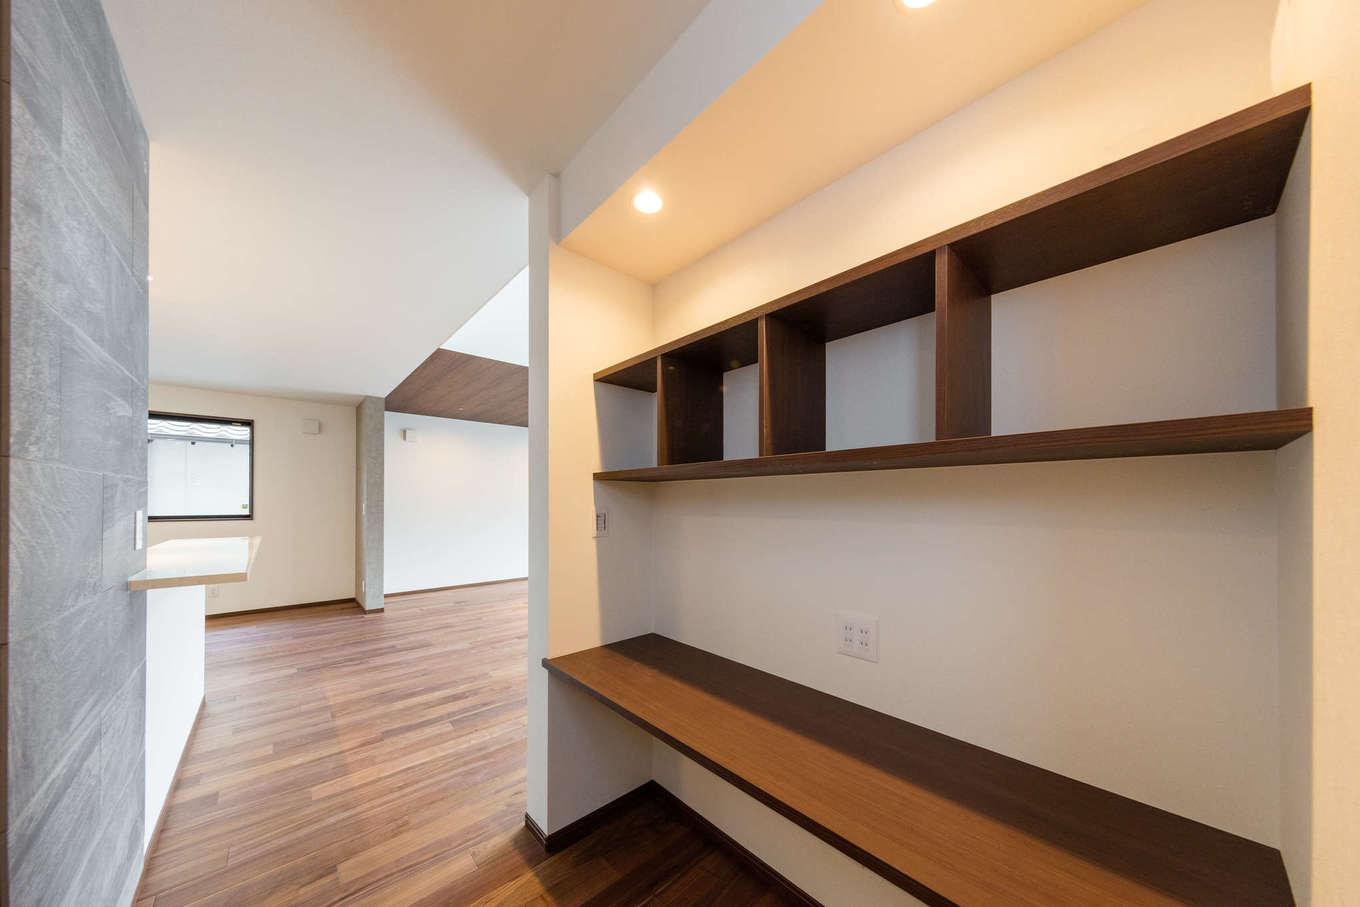 内田建設【デザイン住宅、建築家、ガレージ】キッチンから見える位置に造作した子どもたちのスタディコーナー。テレビが見えないので、集中して勉強できそう